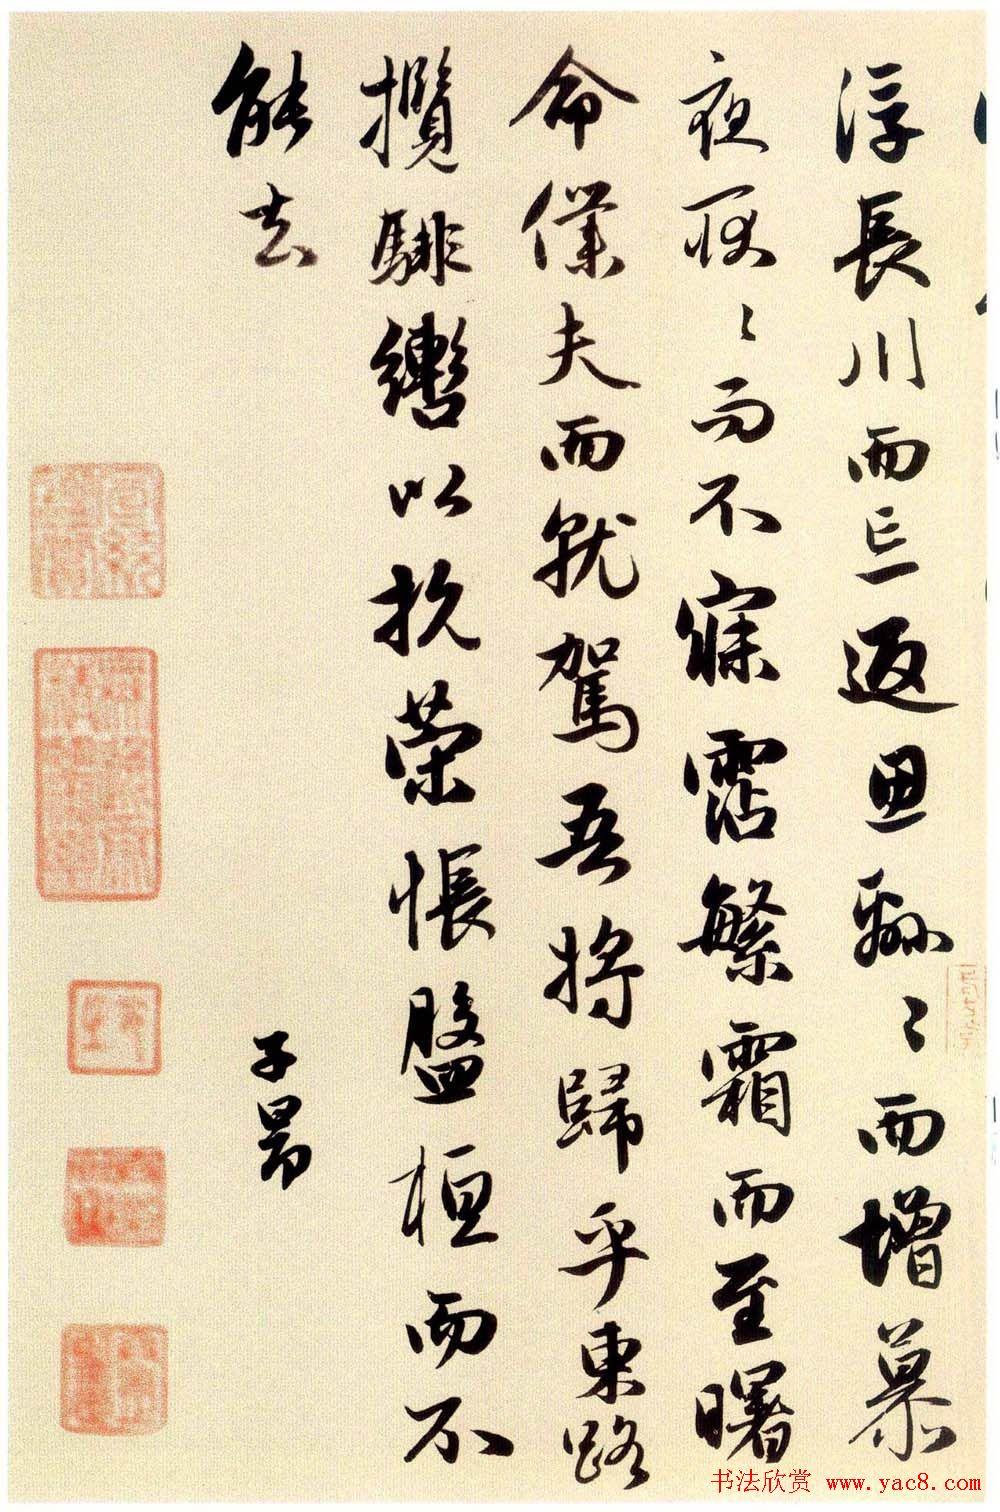 [转载]赵孟頫书法长卷《洛神赋》大图